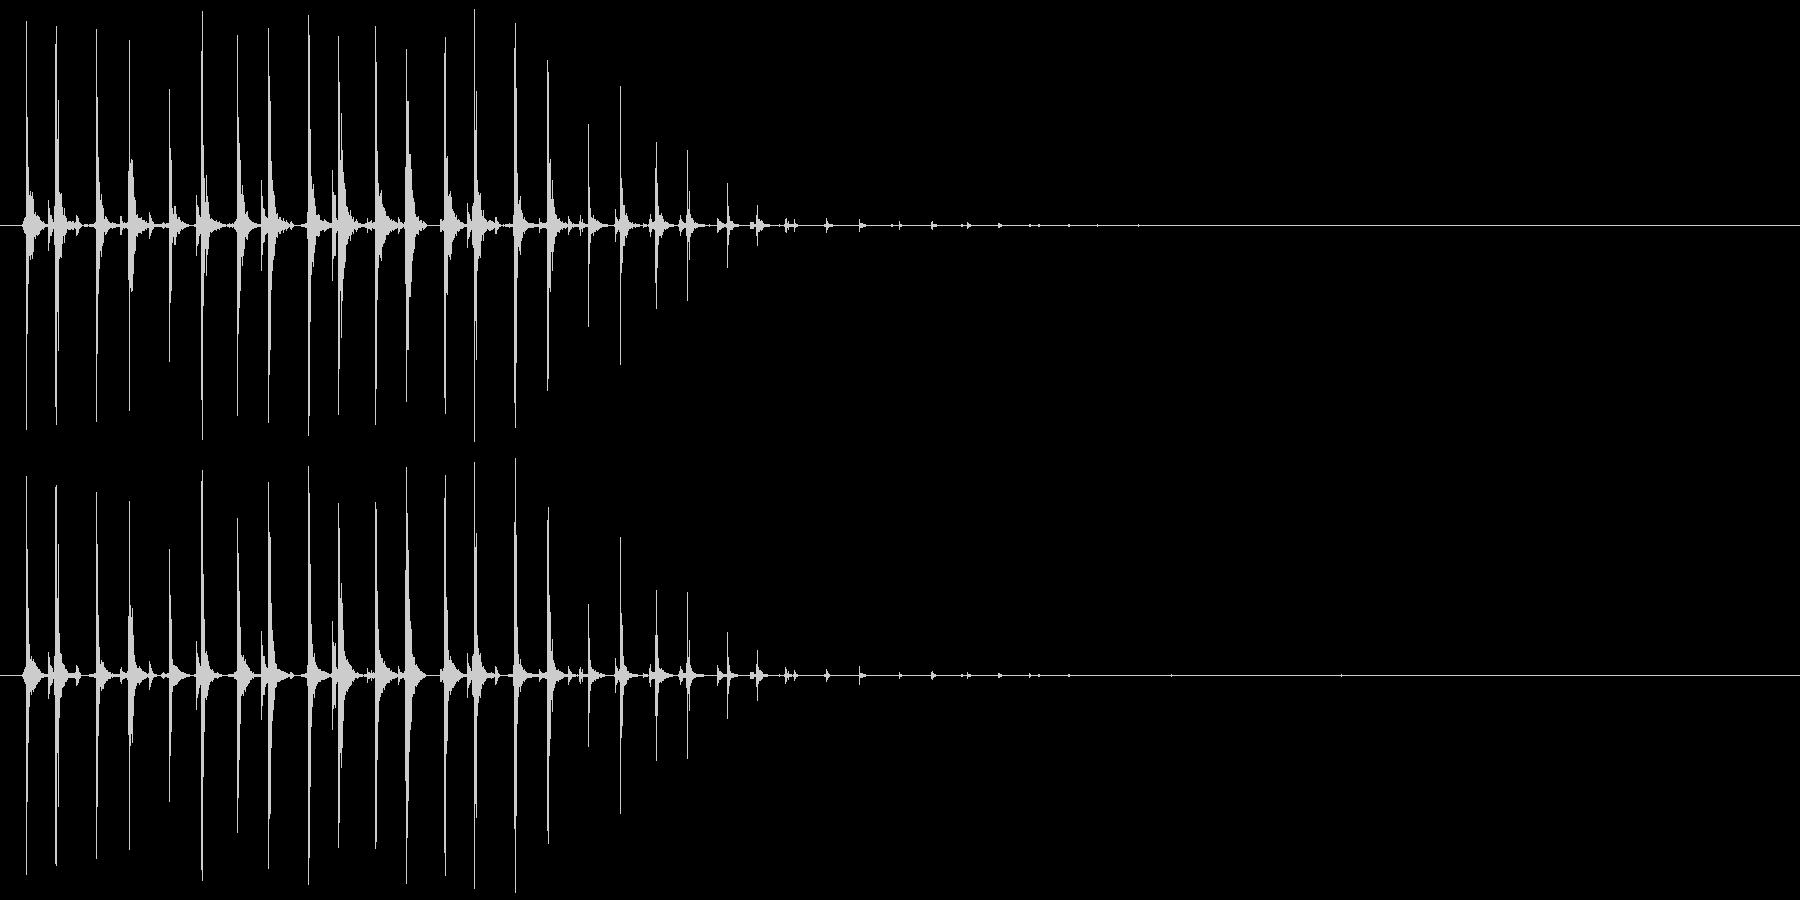 虫、モンスター等(動く鳴く)キチチチ…の未再生の波形